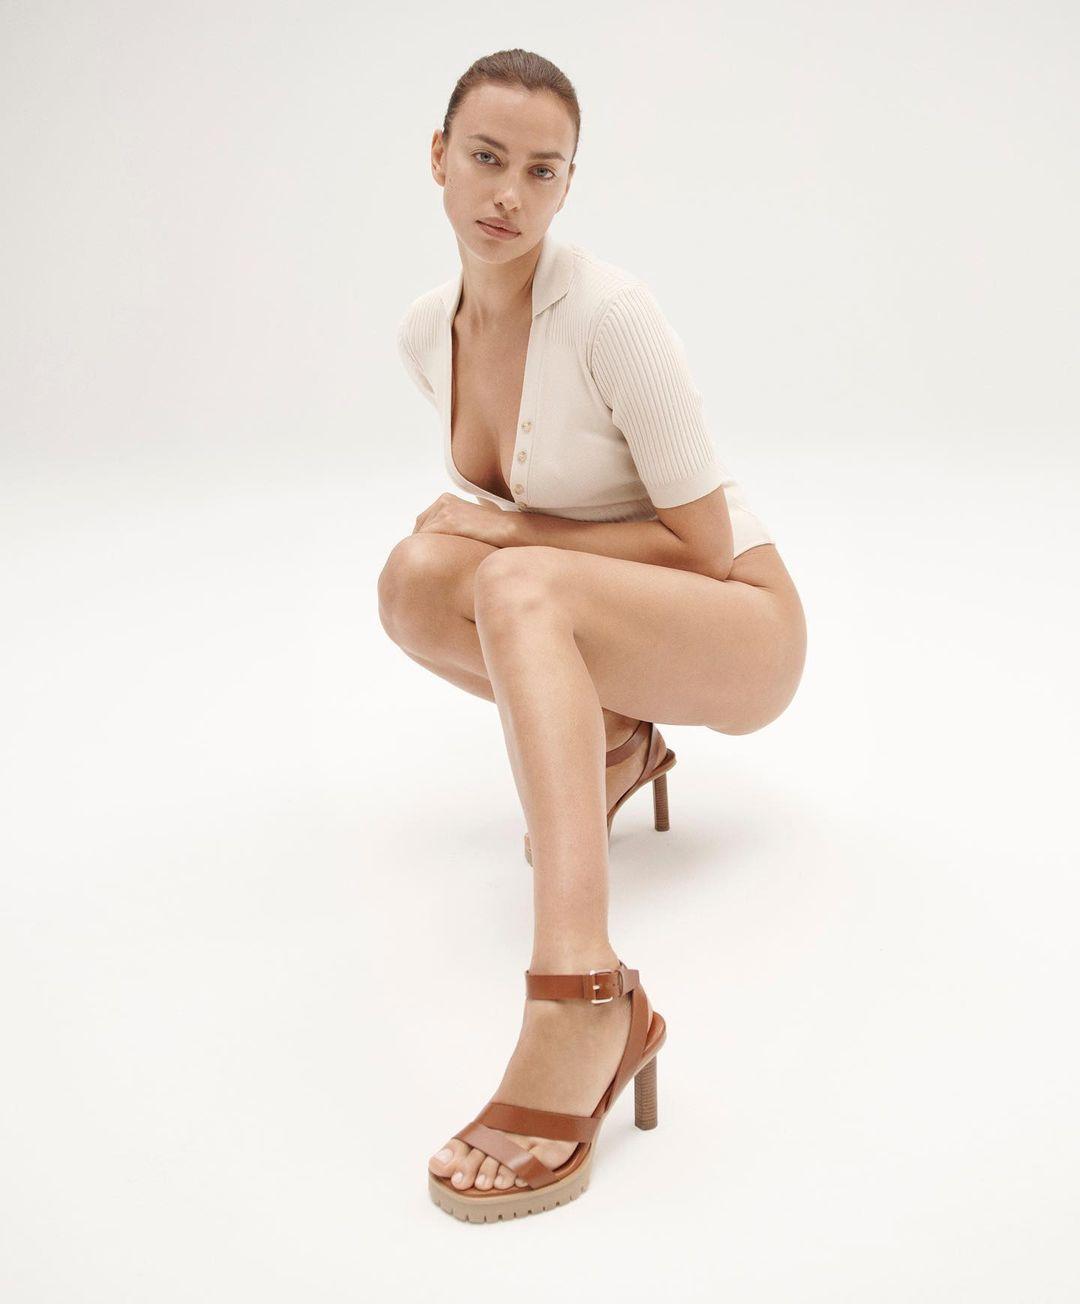 Irina Shayk tuổi 35 vẫn đẹp lay động khiến ai cũng mê đắm - 1